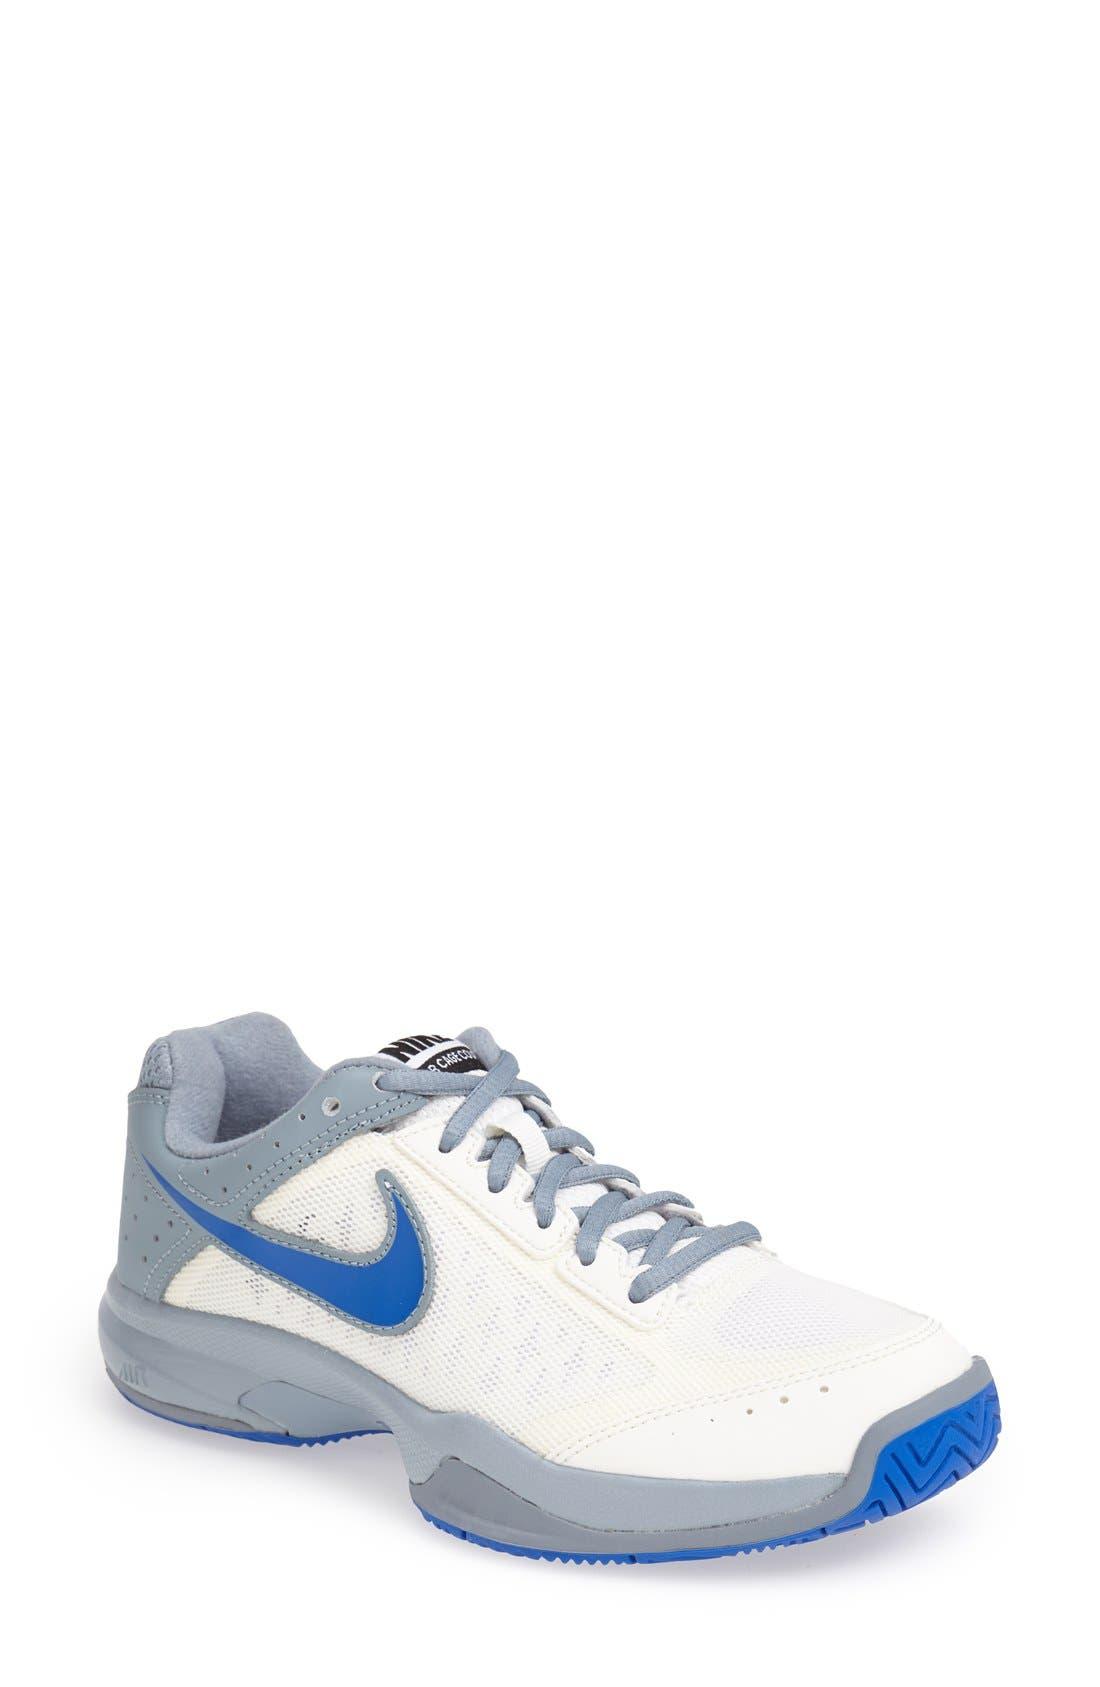 Alternate Image 1 Selected - Nike 'Air Cage Court' Tennis Shoe (Women) (Regular Retail Price: $70.00)